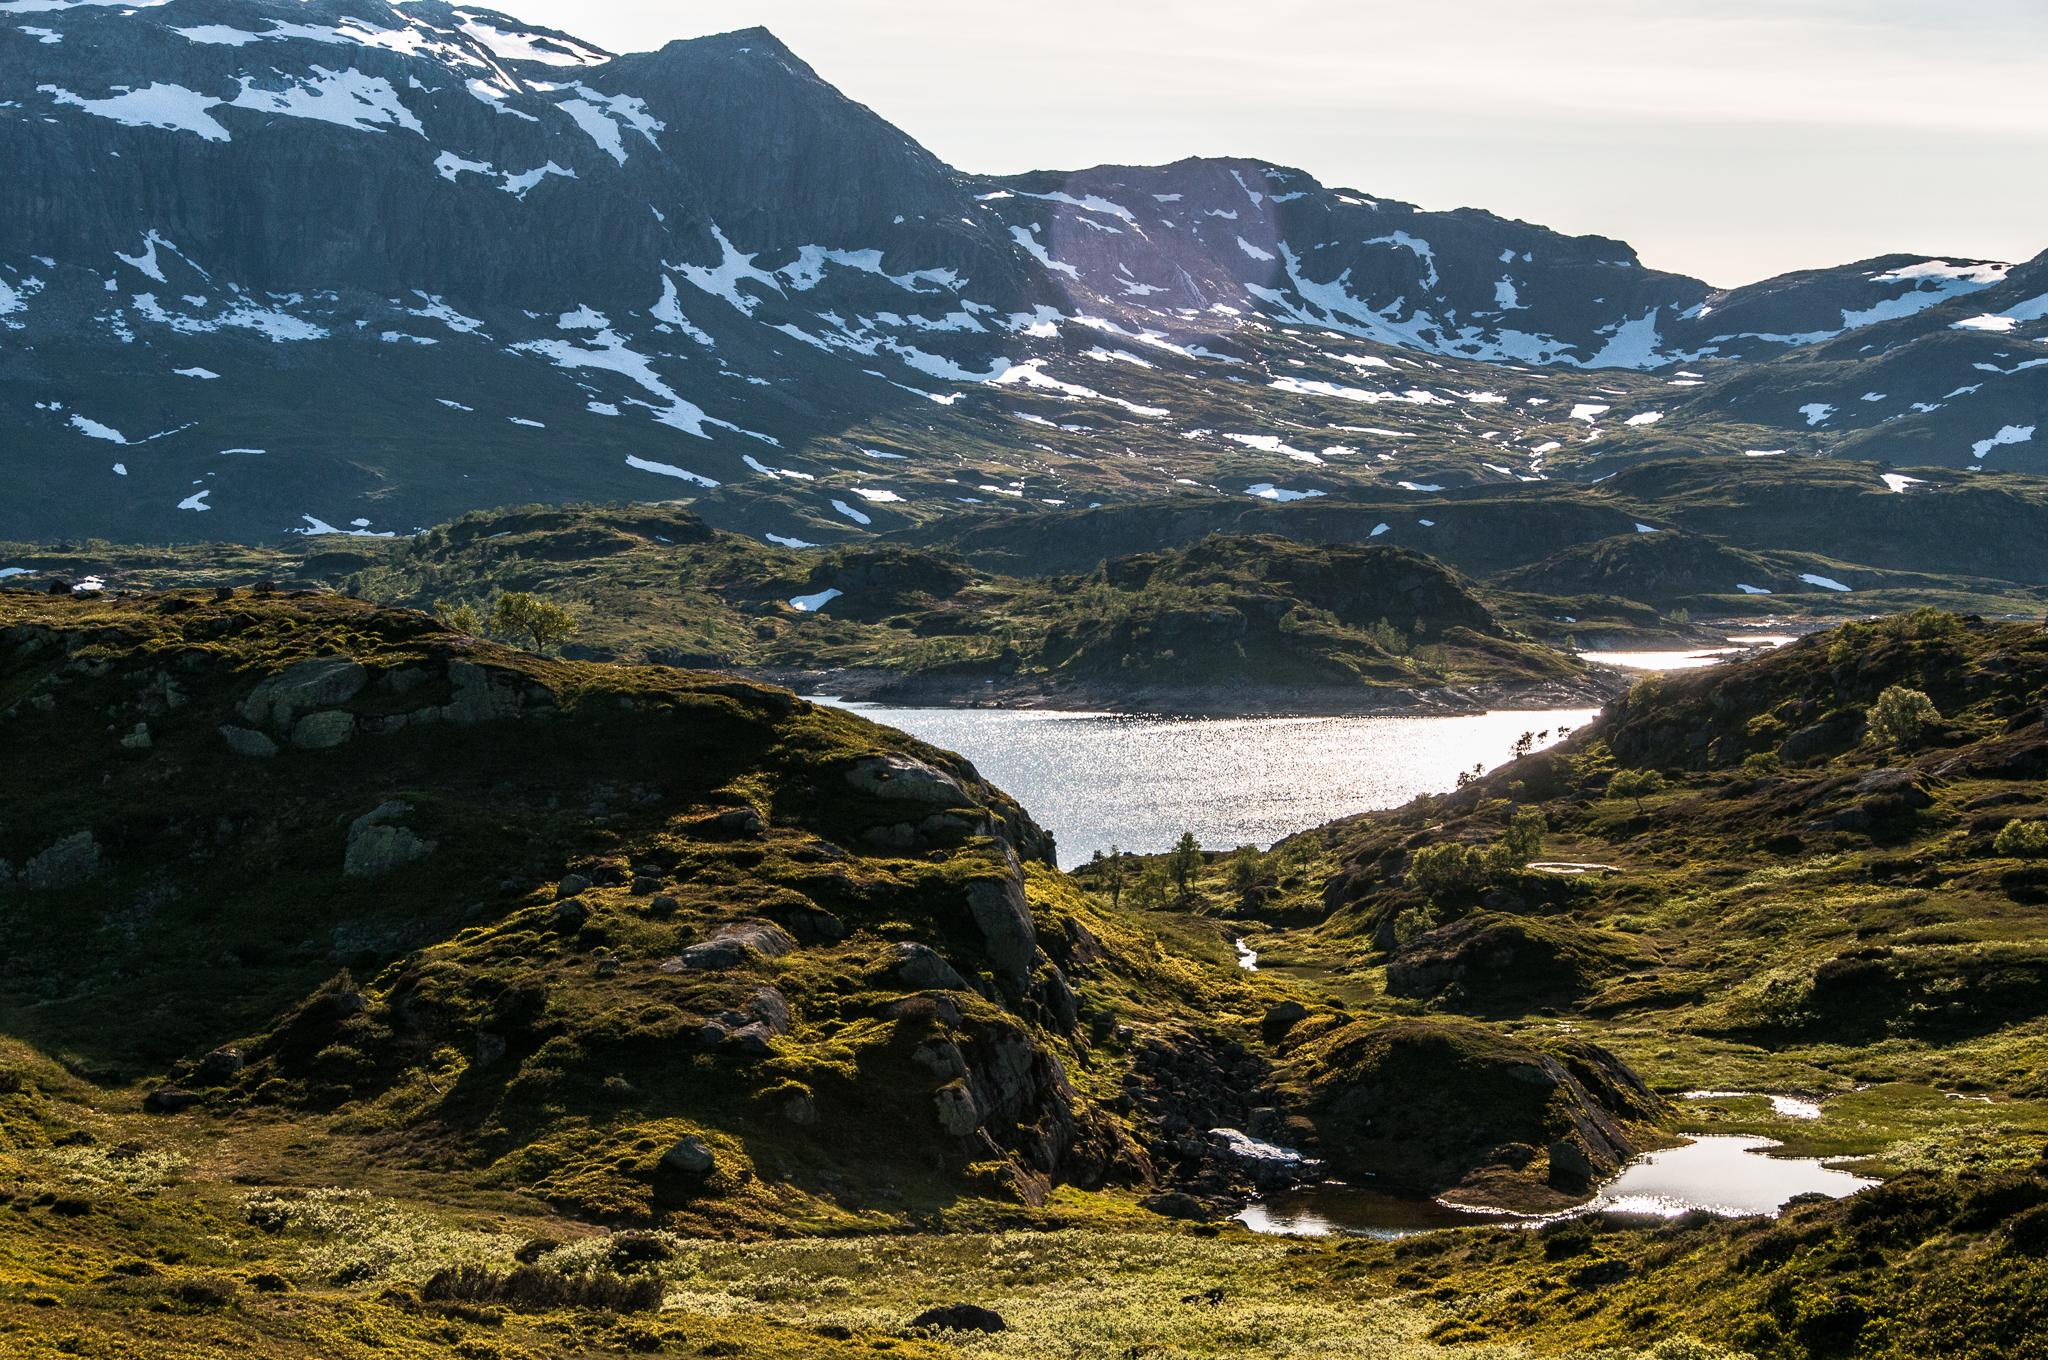 Photo: Температура 11° в горах тогда казалась северным полюсом. Наивные!